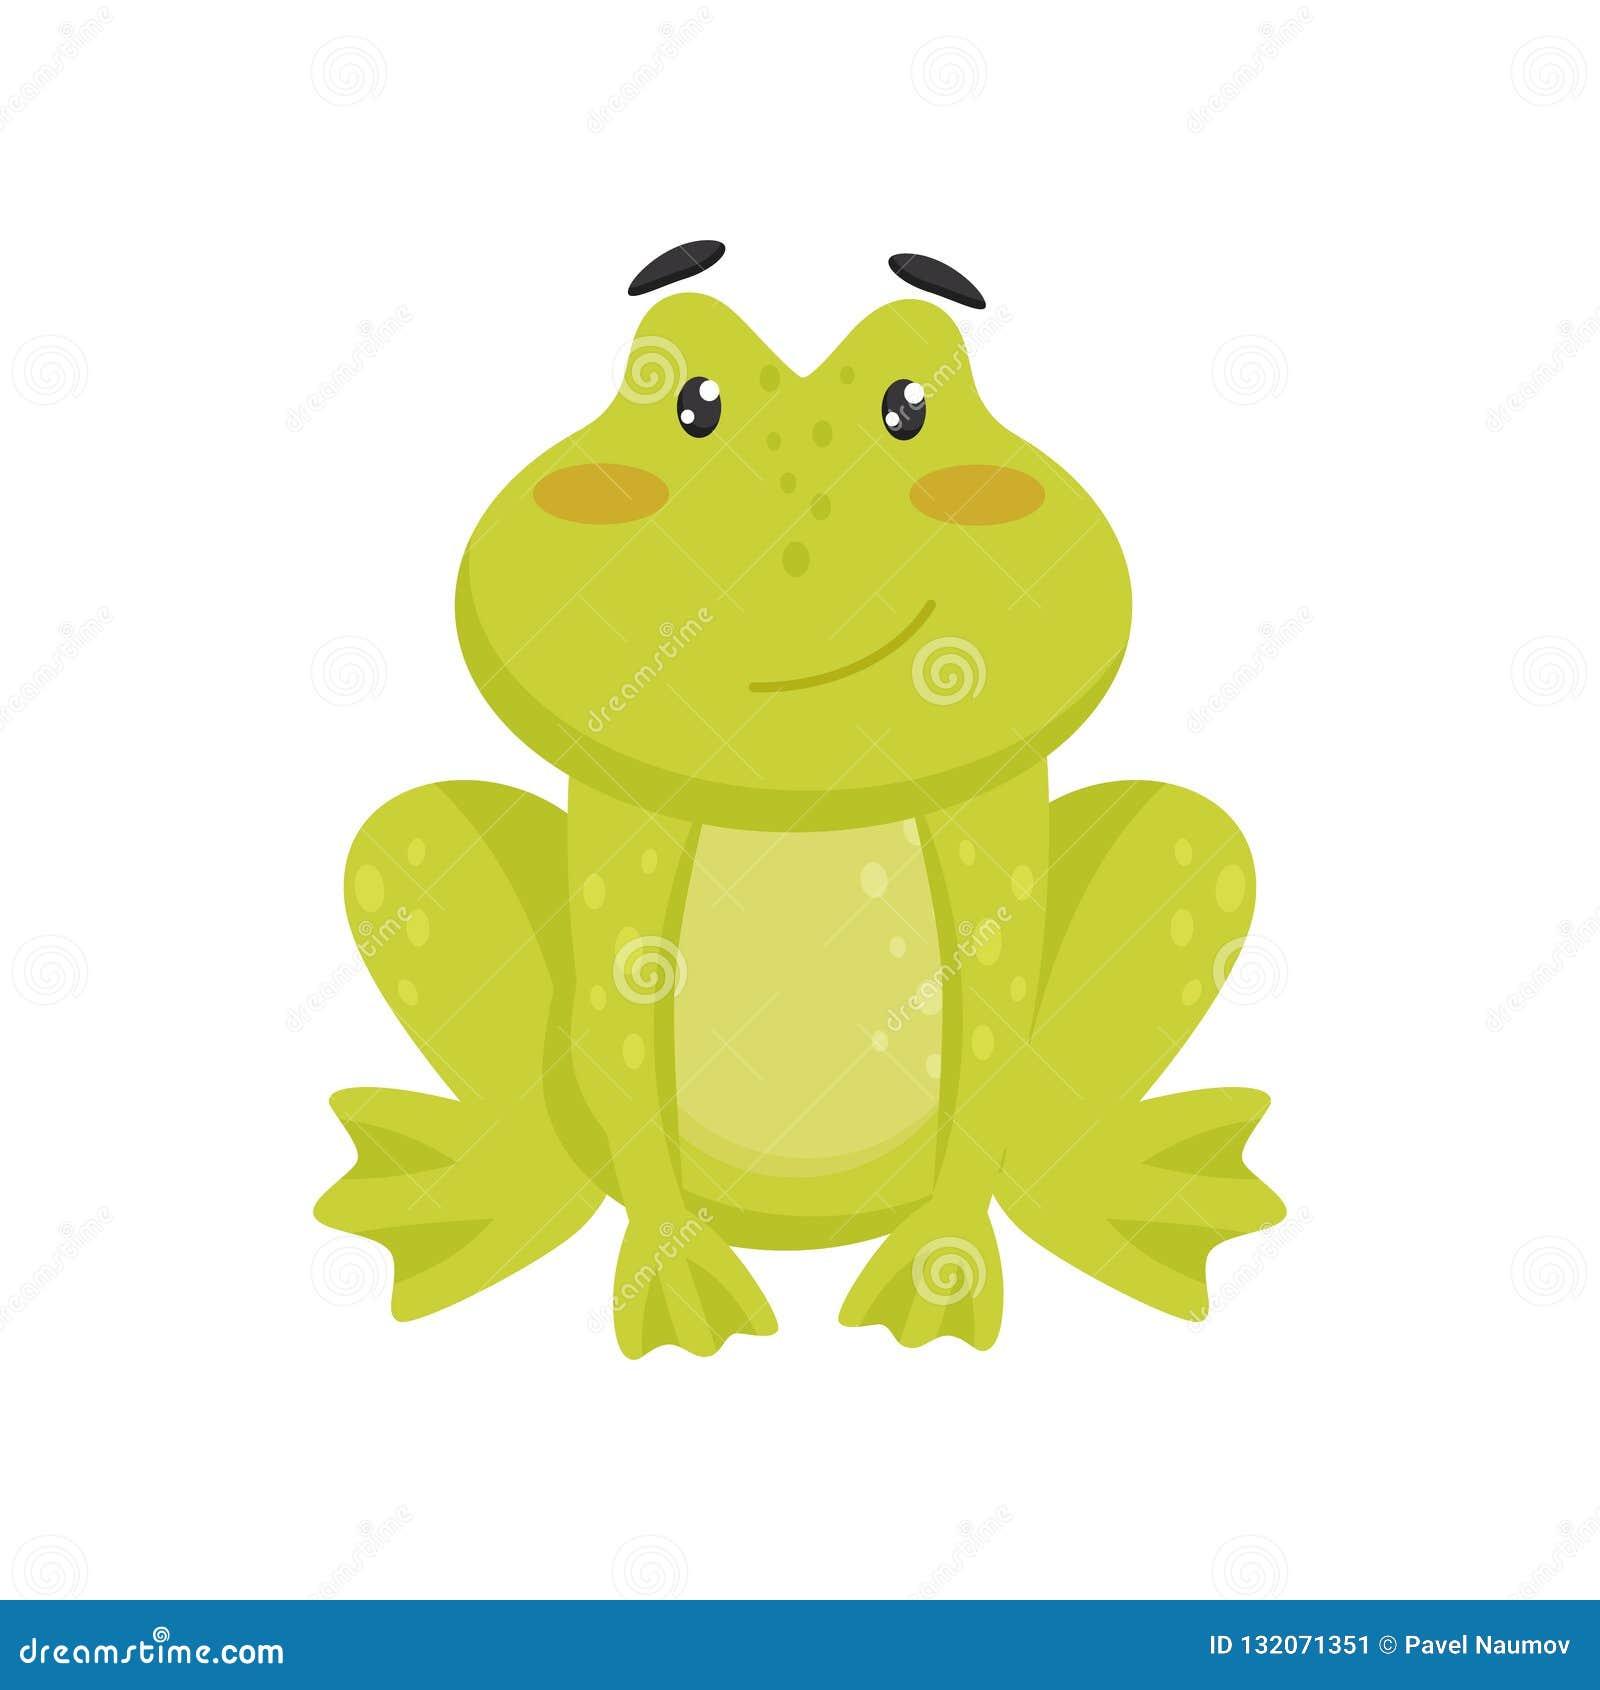 Плоский значок вектора милой усмехаясь лягушки Персонаж из мультфильма смешной зеленой жабы с розовыми щеками и сияющими глазами